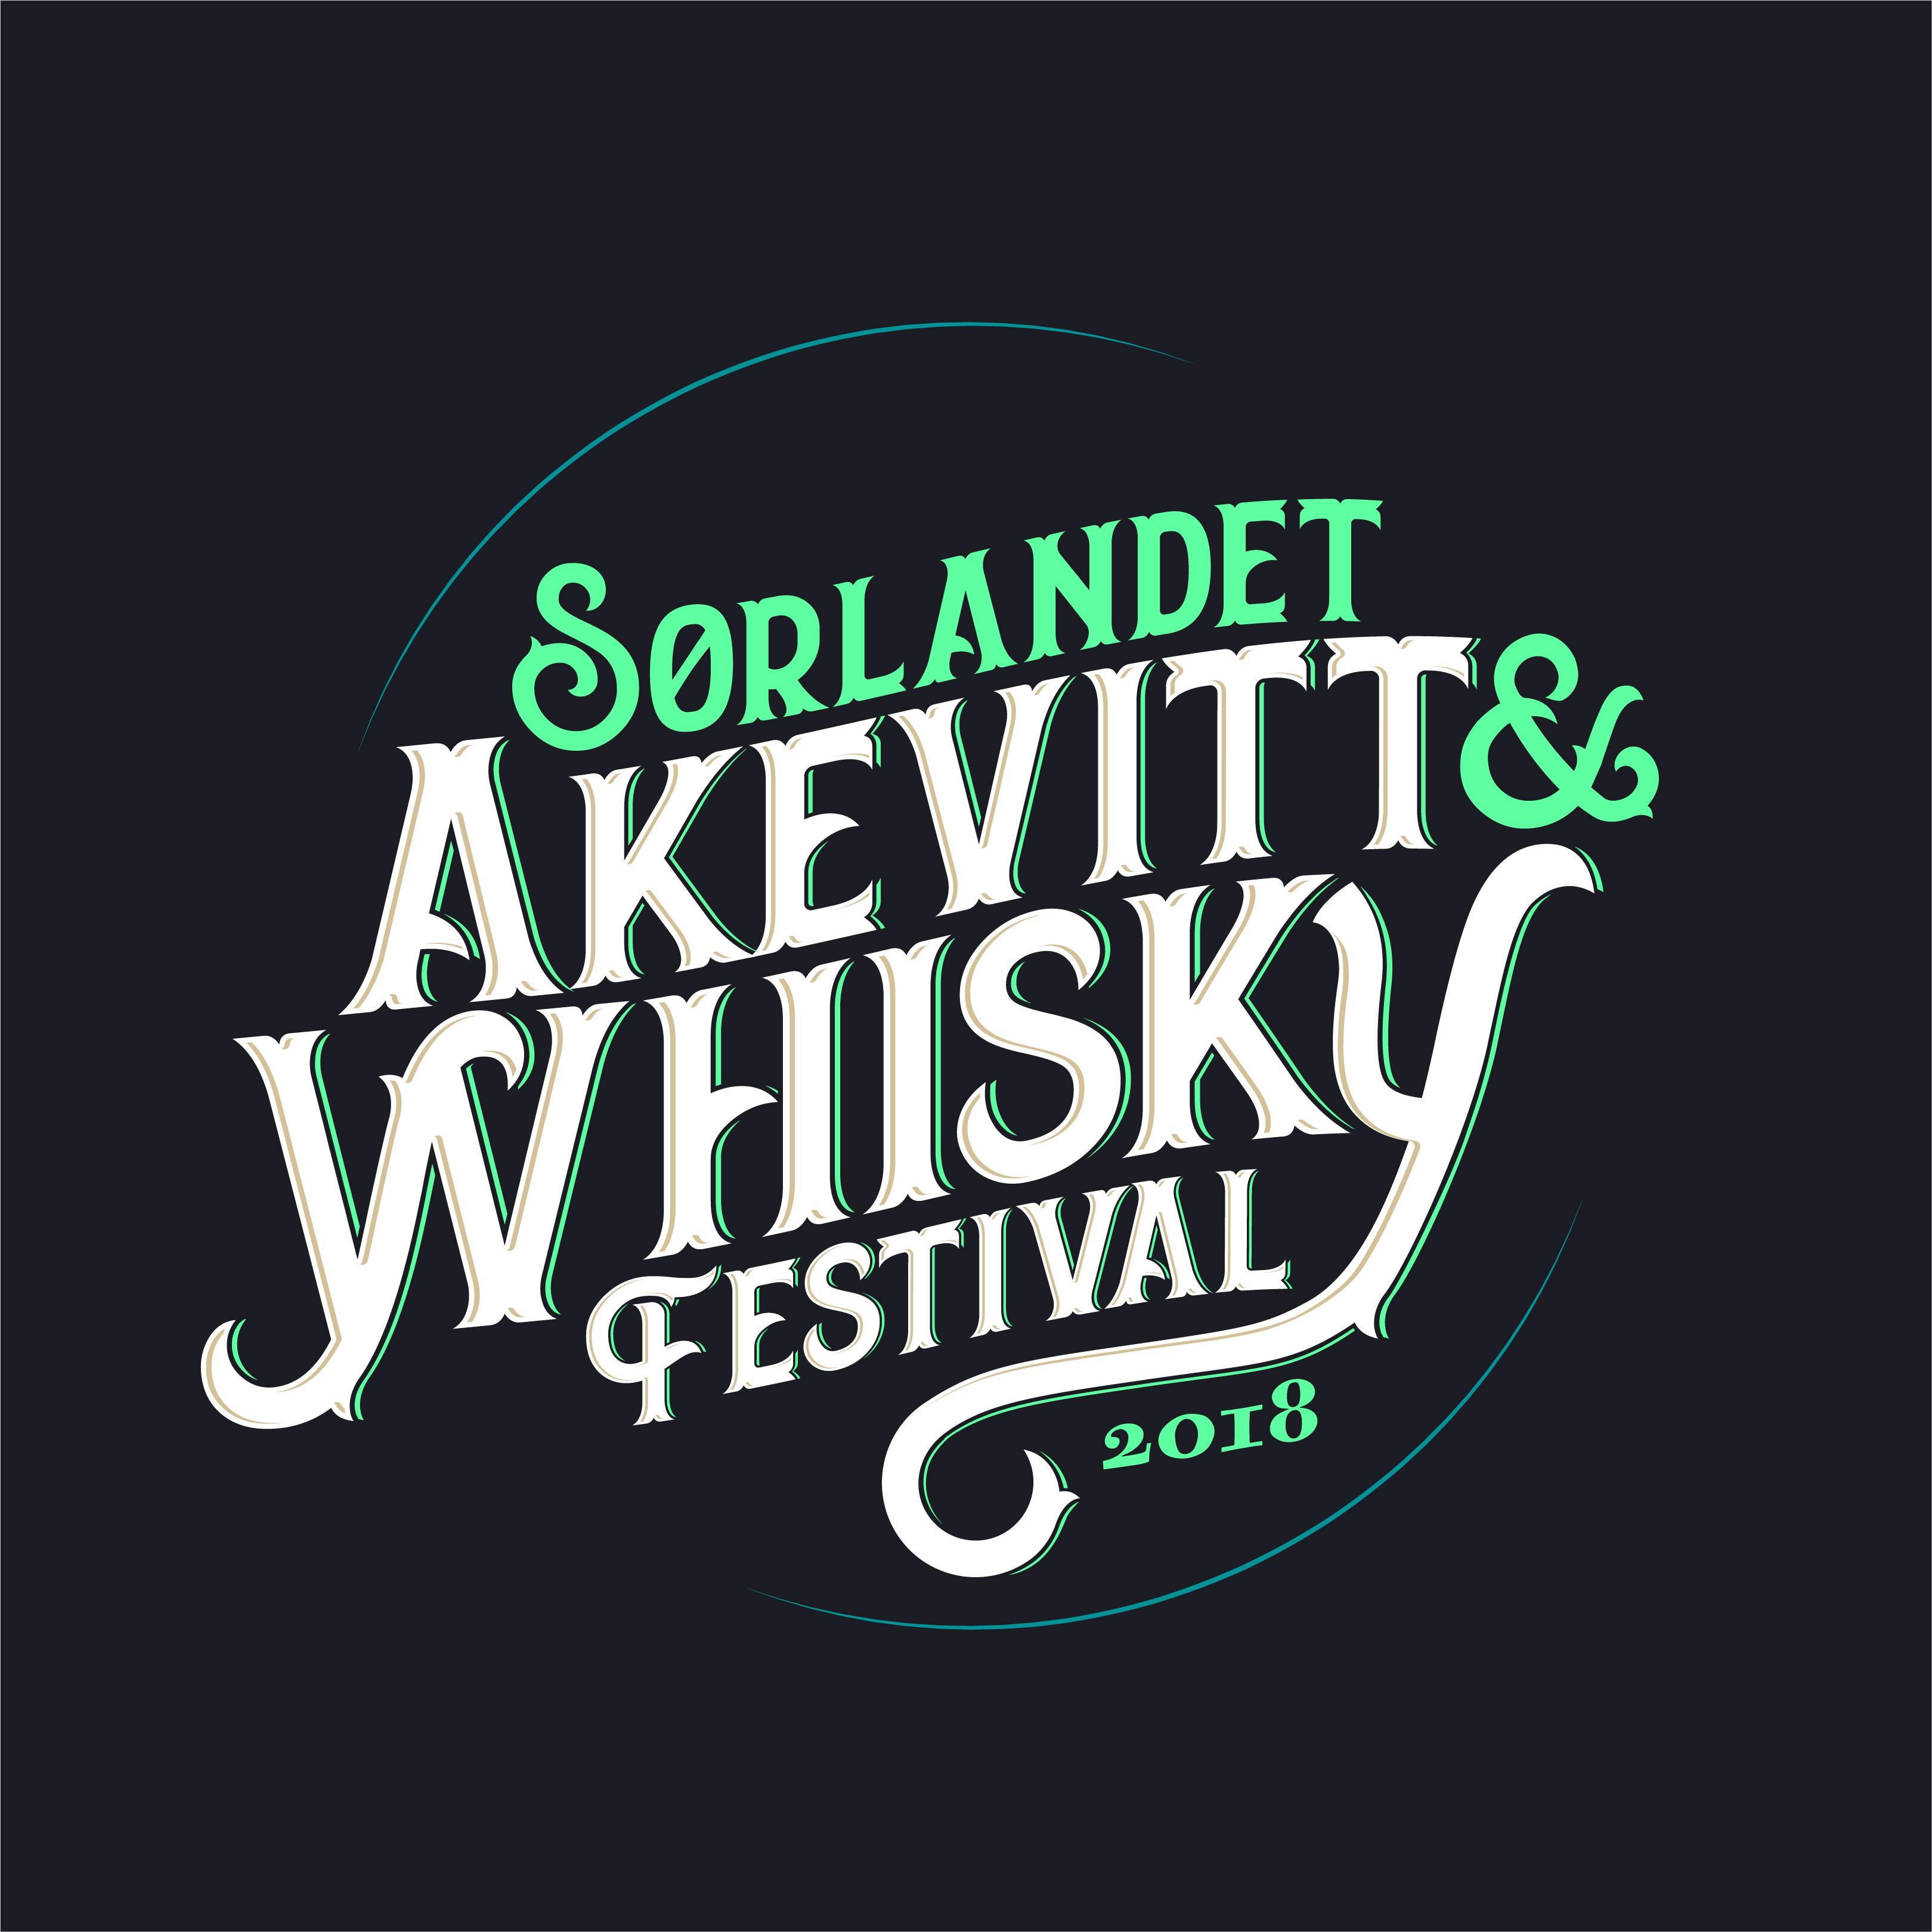 Sørlandet akevitt- & whiskyfestival